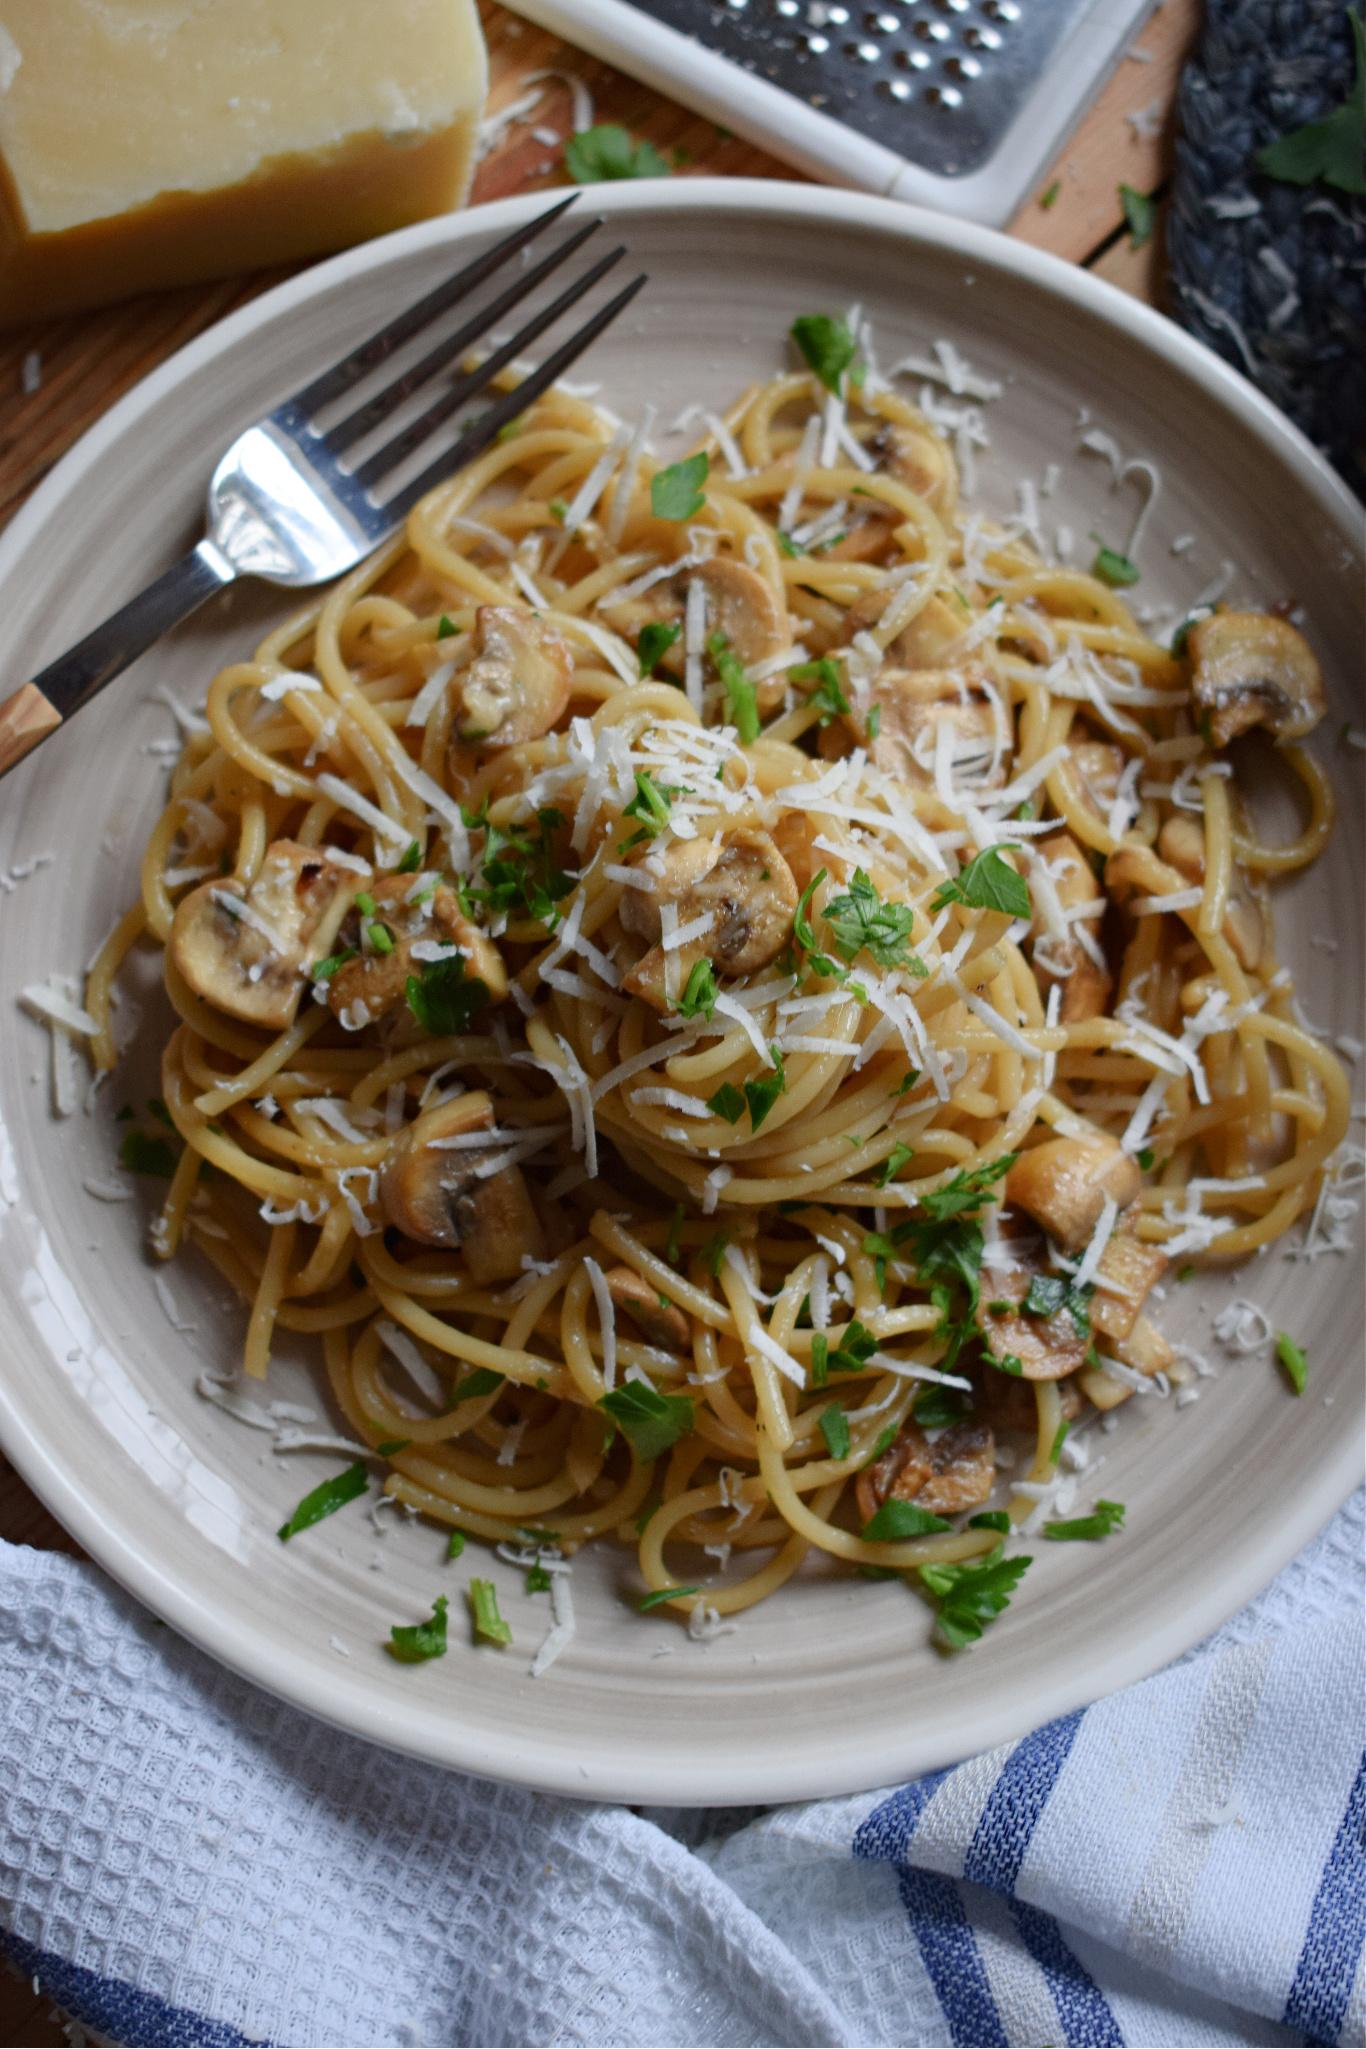 Garlic Mushroom Spaghetti on a plate